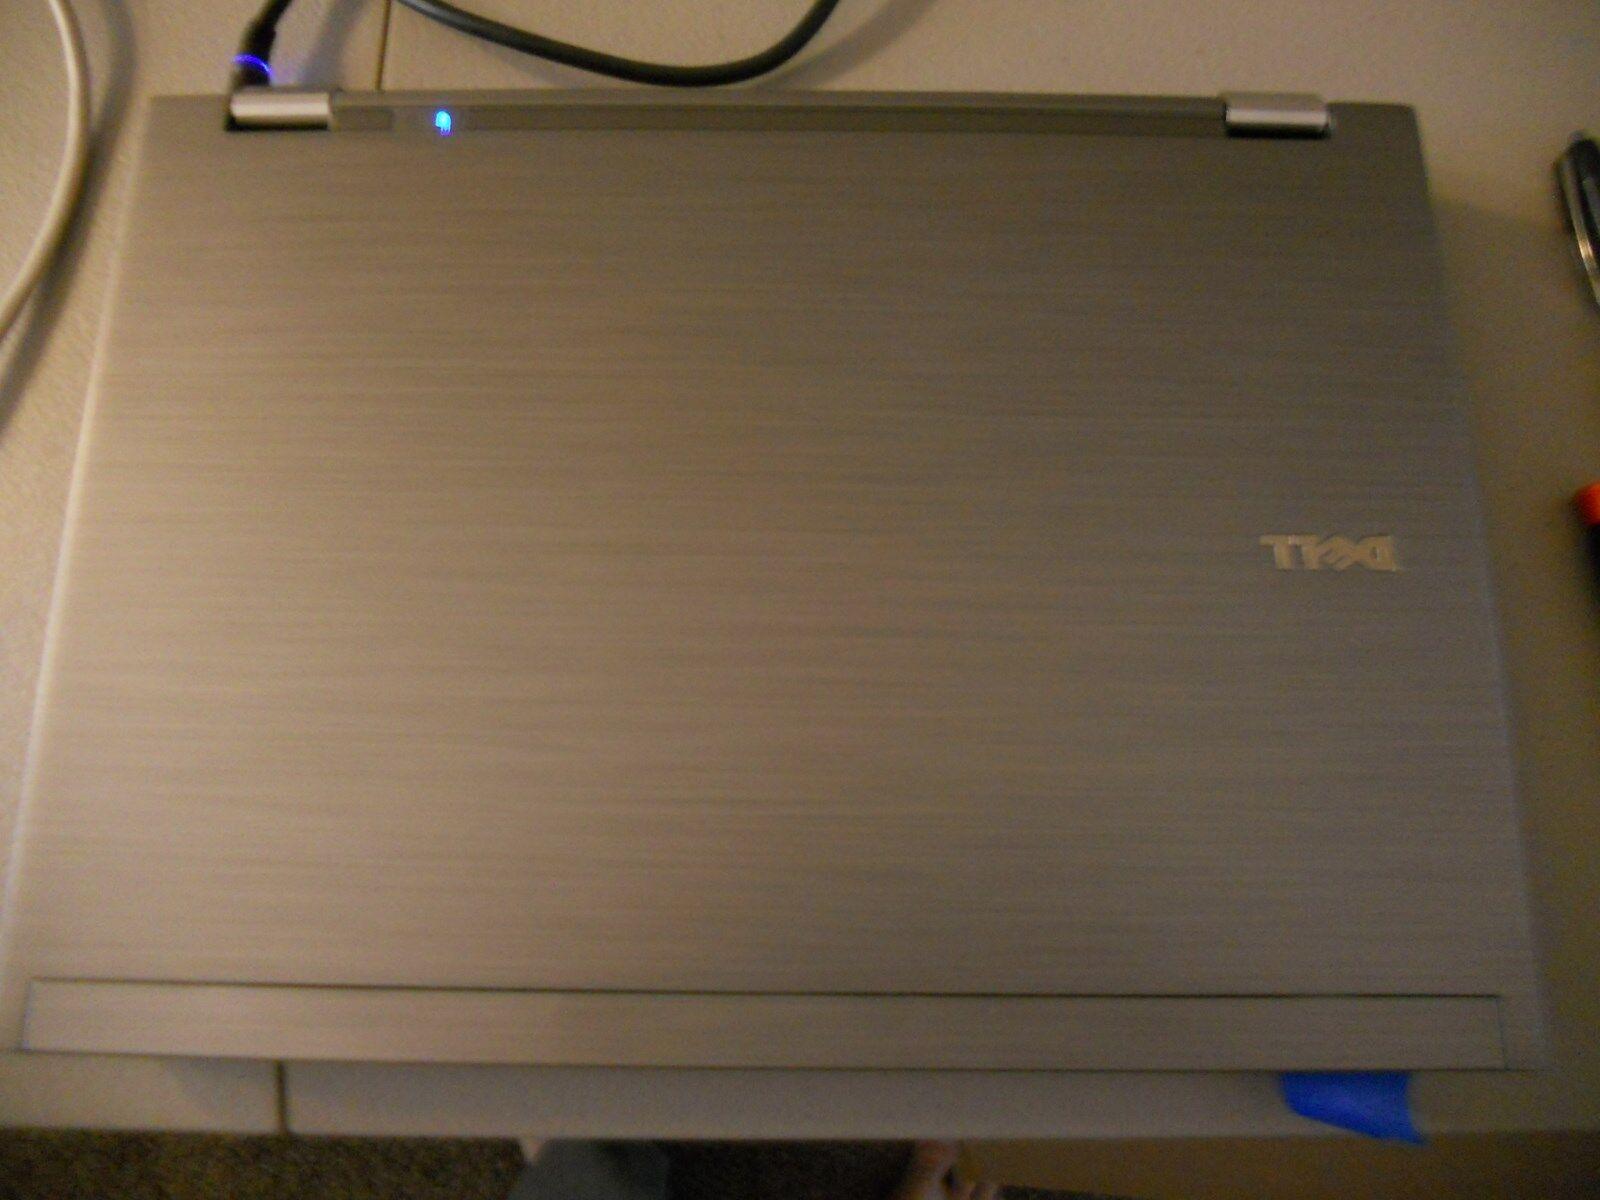 DELL LATITUDE Laptop E6510   2.67GHz INTEL i-7 4GB 250g  HD  WIN 10